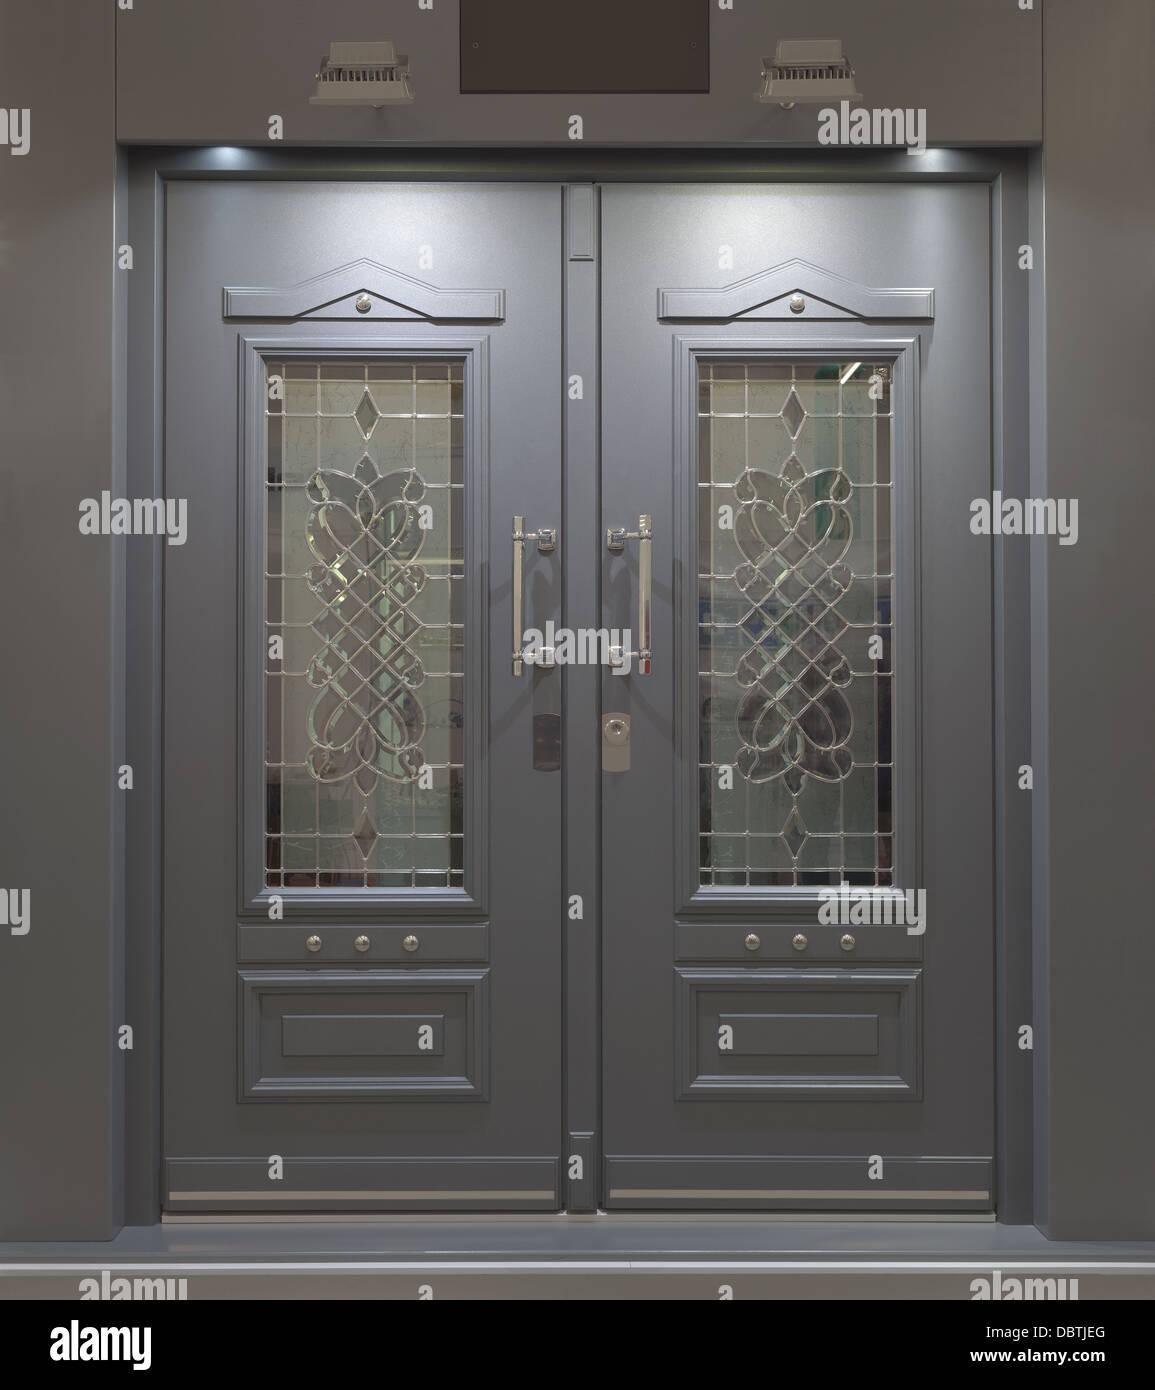 Aluminum Front Door Stock Photos Aluminum Front Door Stock Images